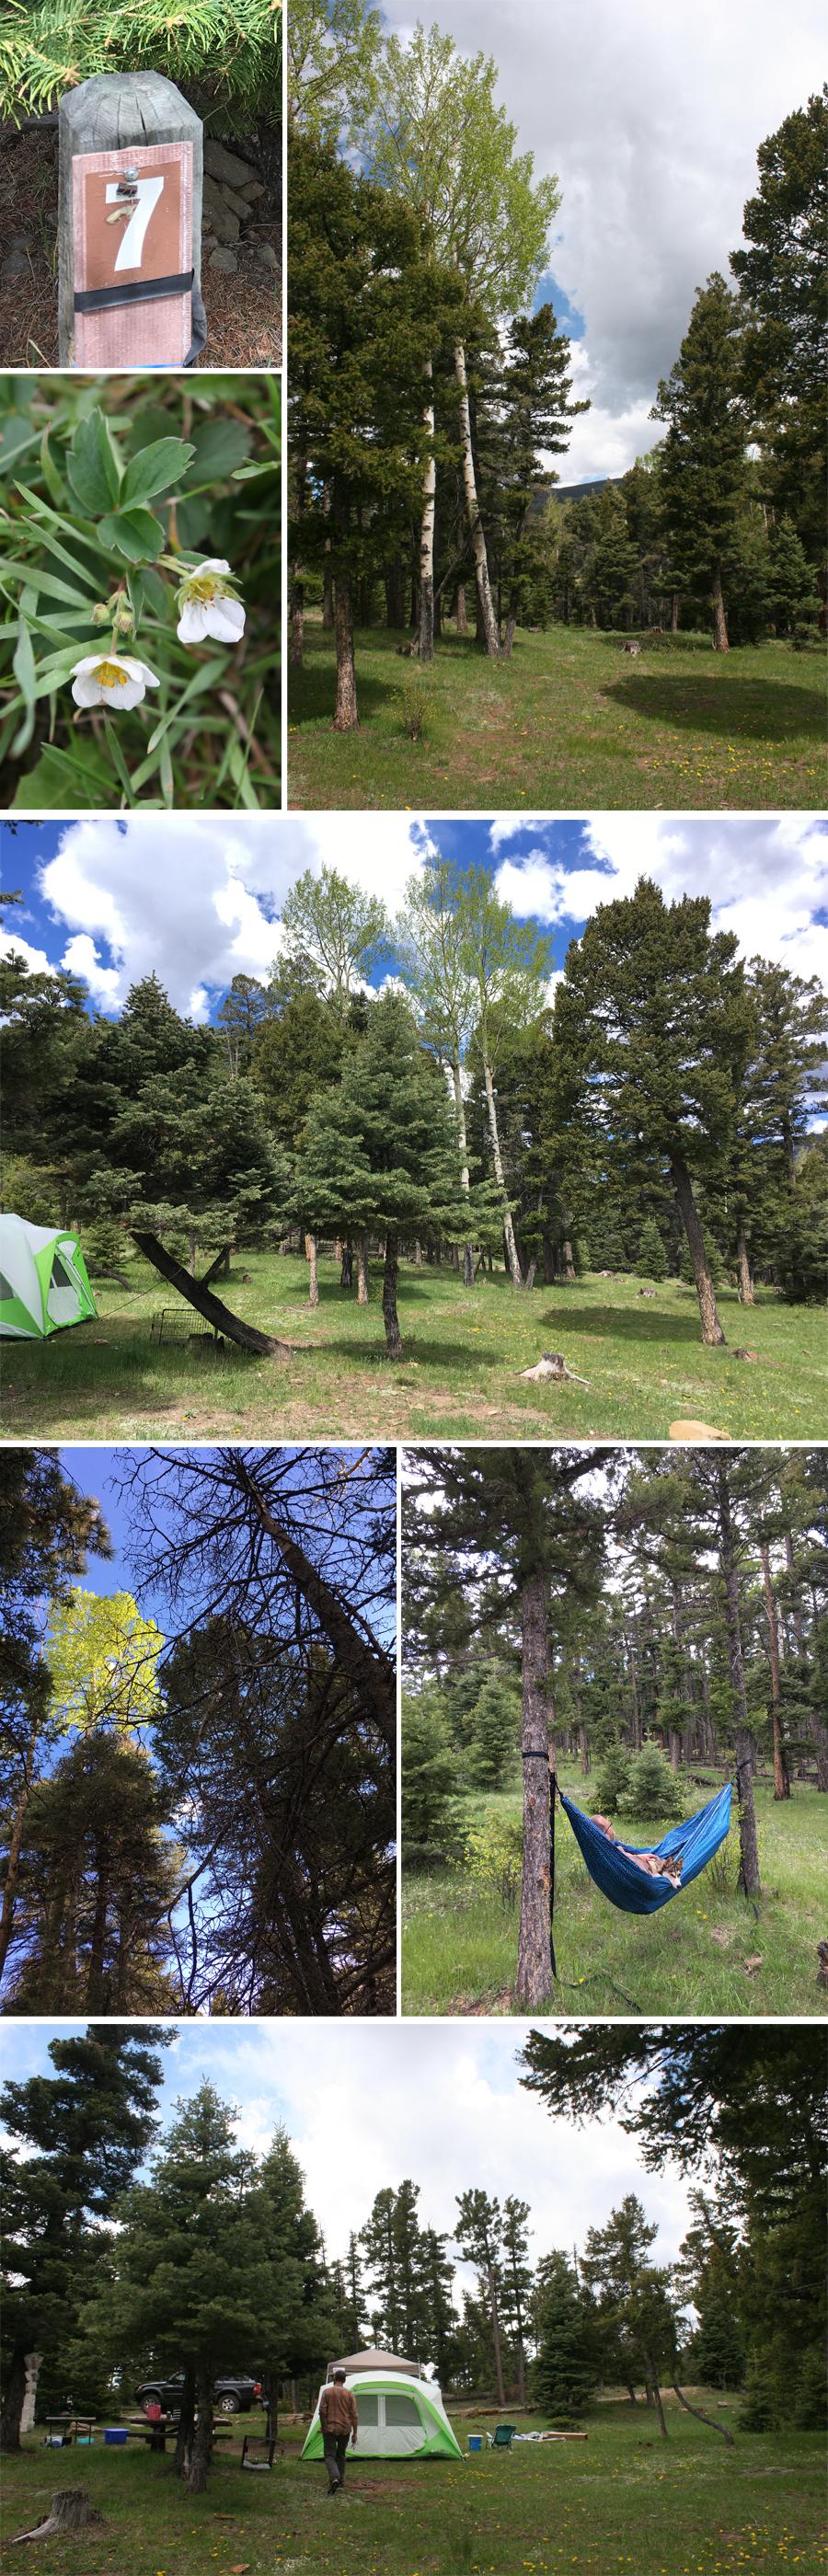 Cimarron campground site7